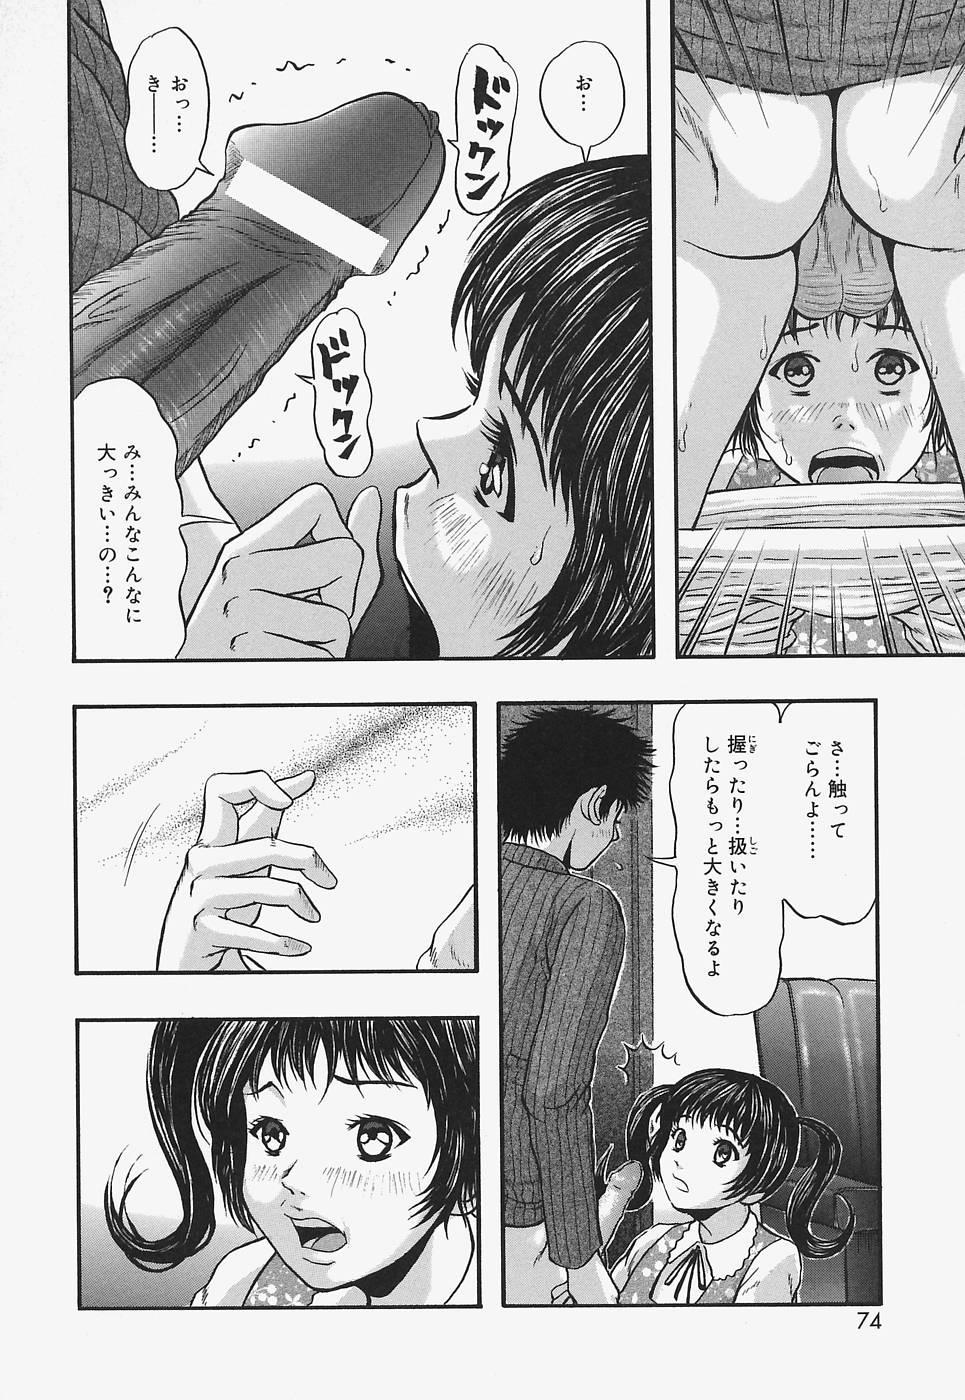 Nurunuru Syoujyo Jiru 73